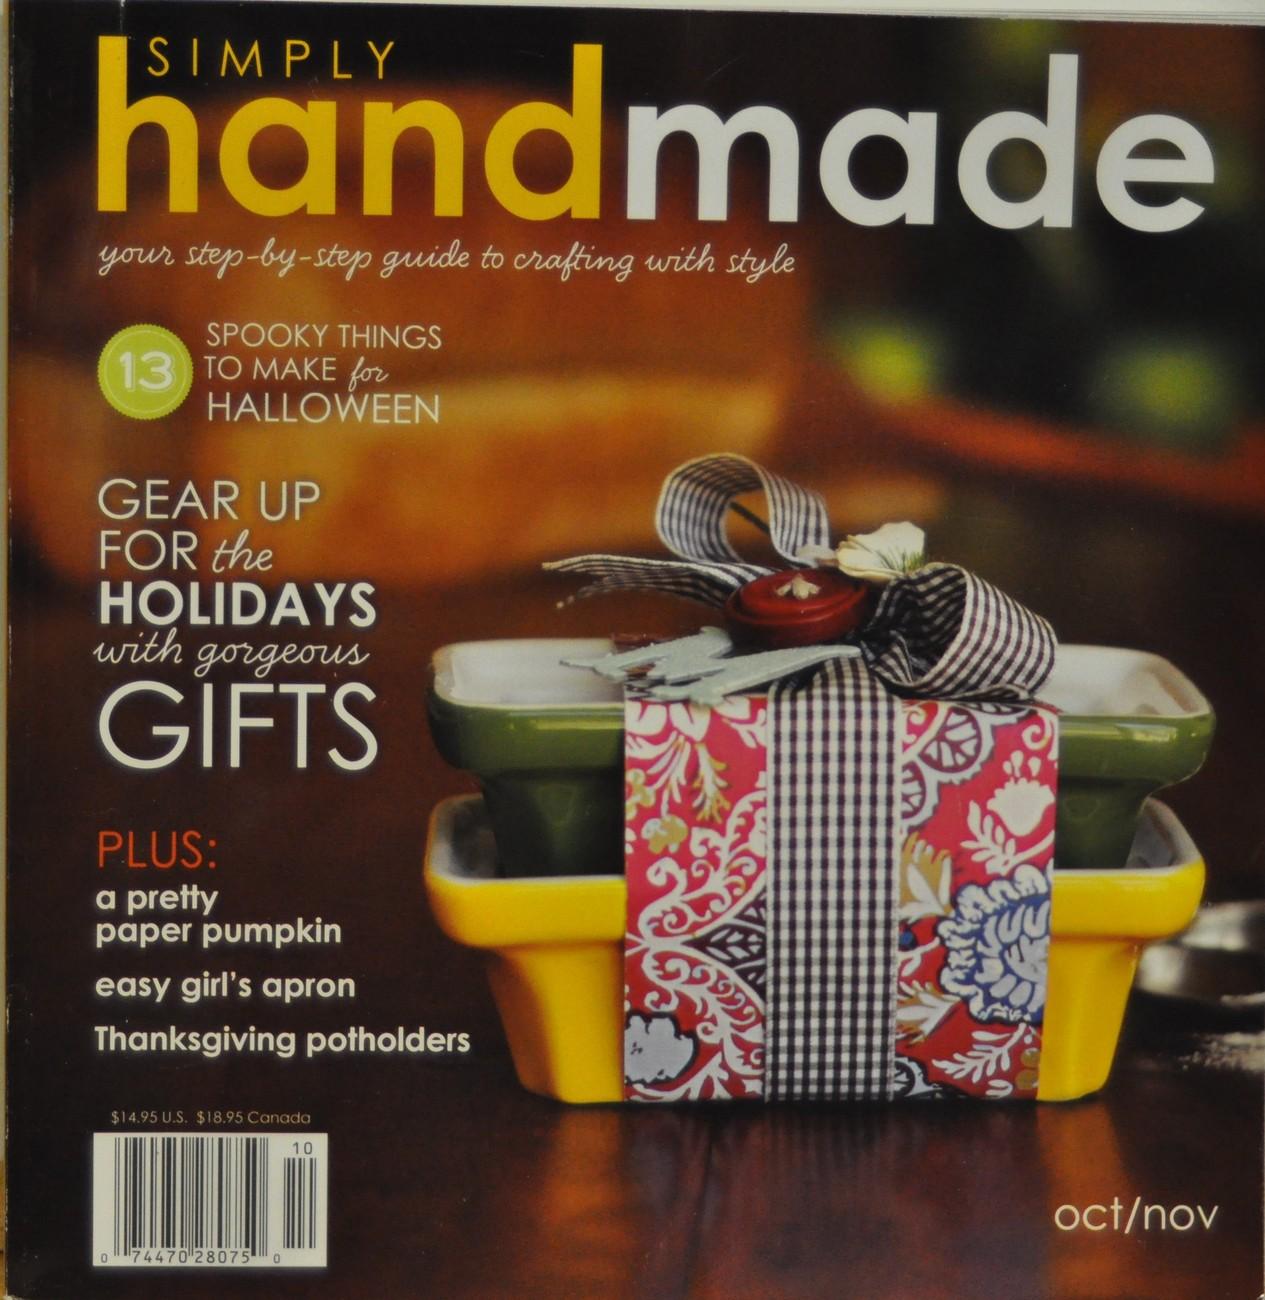 Simply handmade oct nov 09